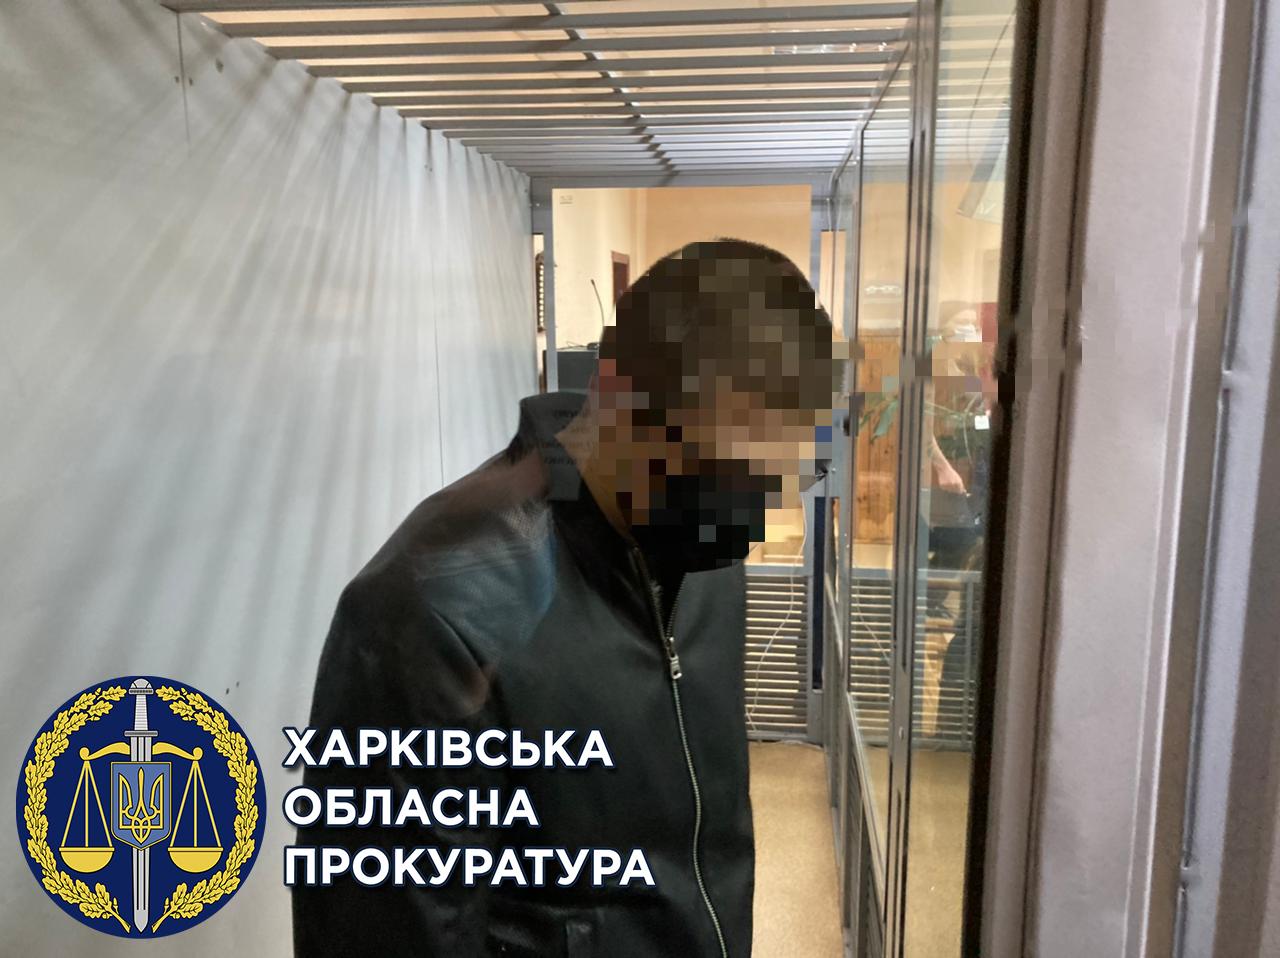 Смерть спасателя и его дочери в ДТП под Харьковом: осужденный проиграл апелляцию